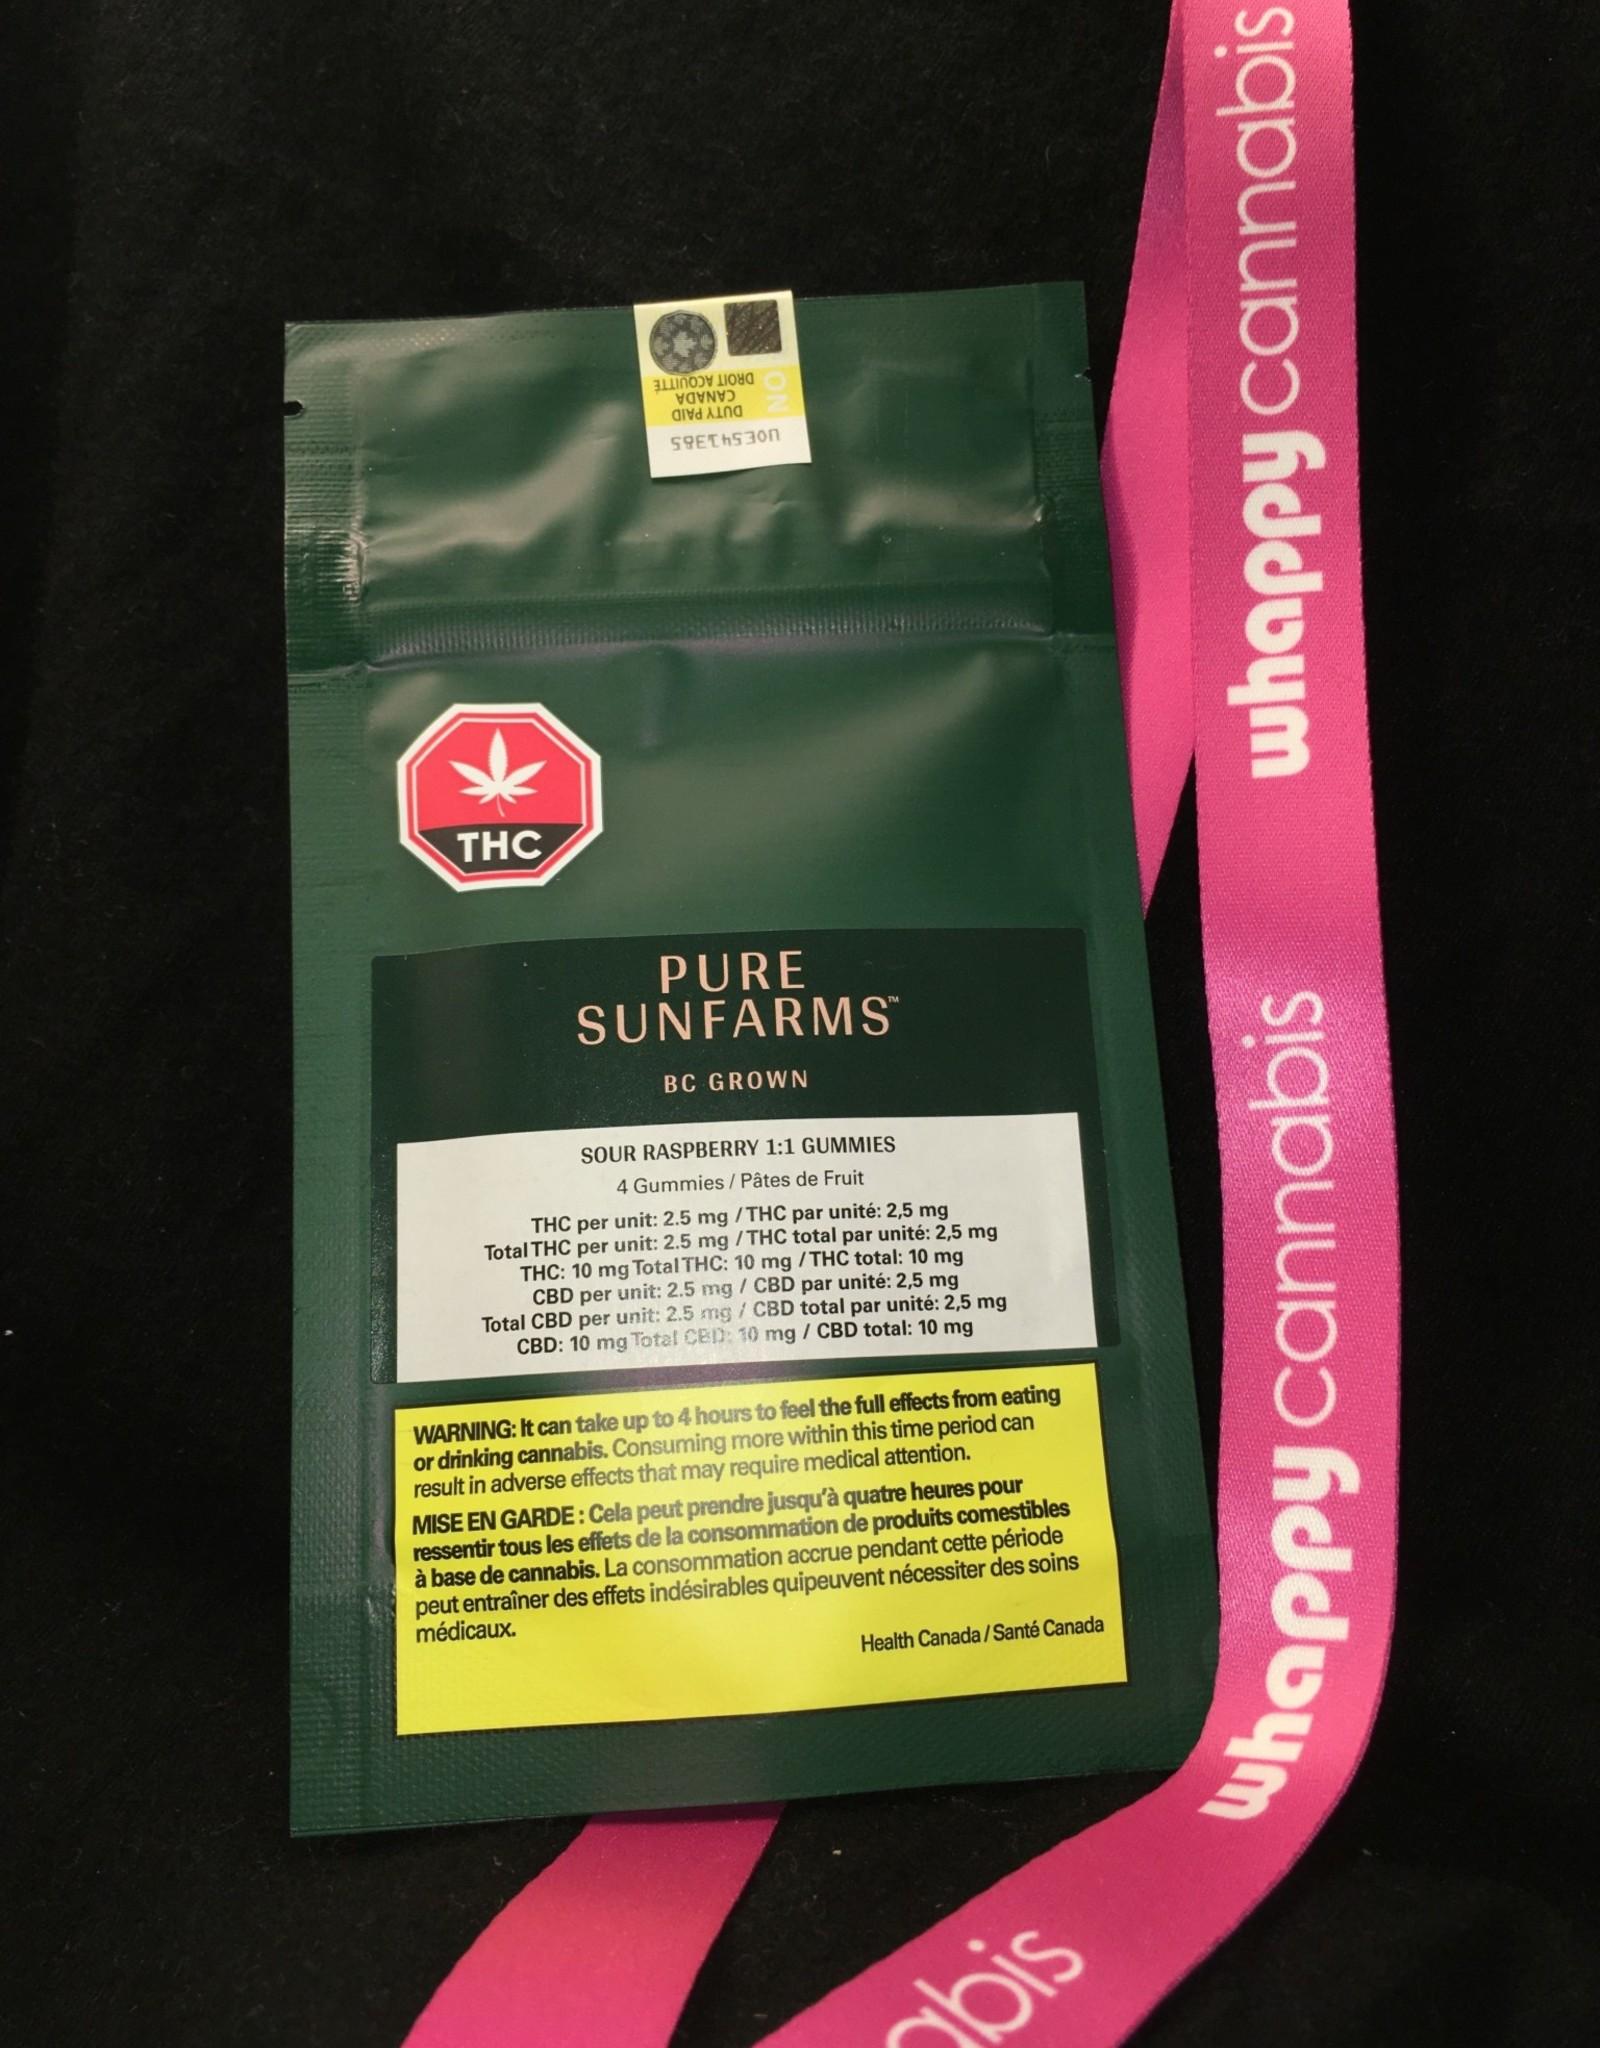 Pure Sunfarms Pure Sunfarms - Balanced Sour Raspberry Soft Chew Blend 18g (4pc)